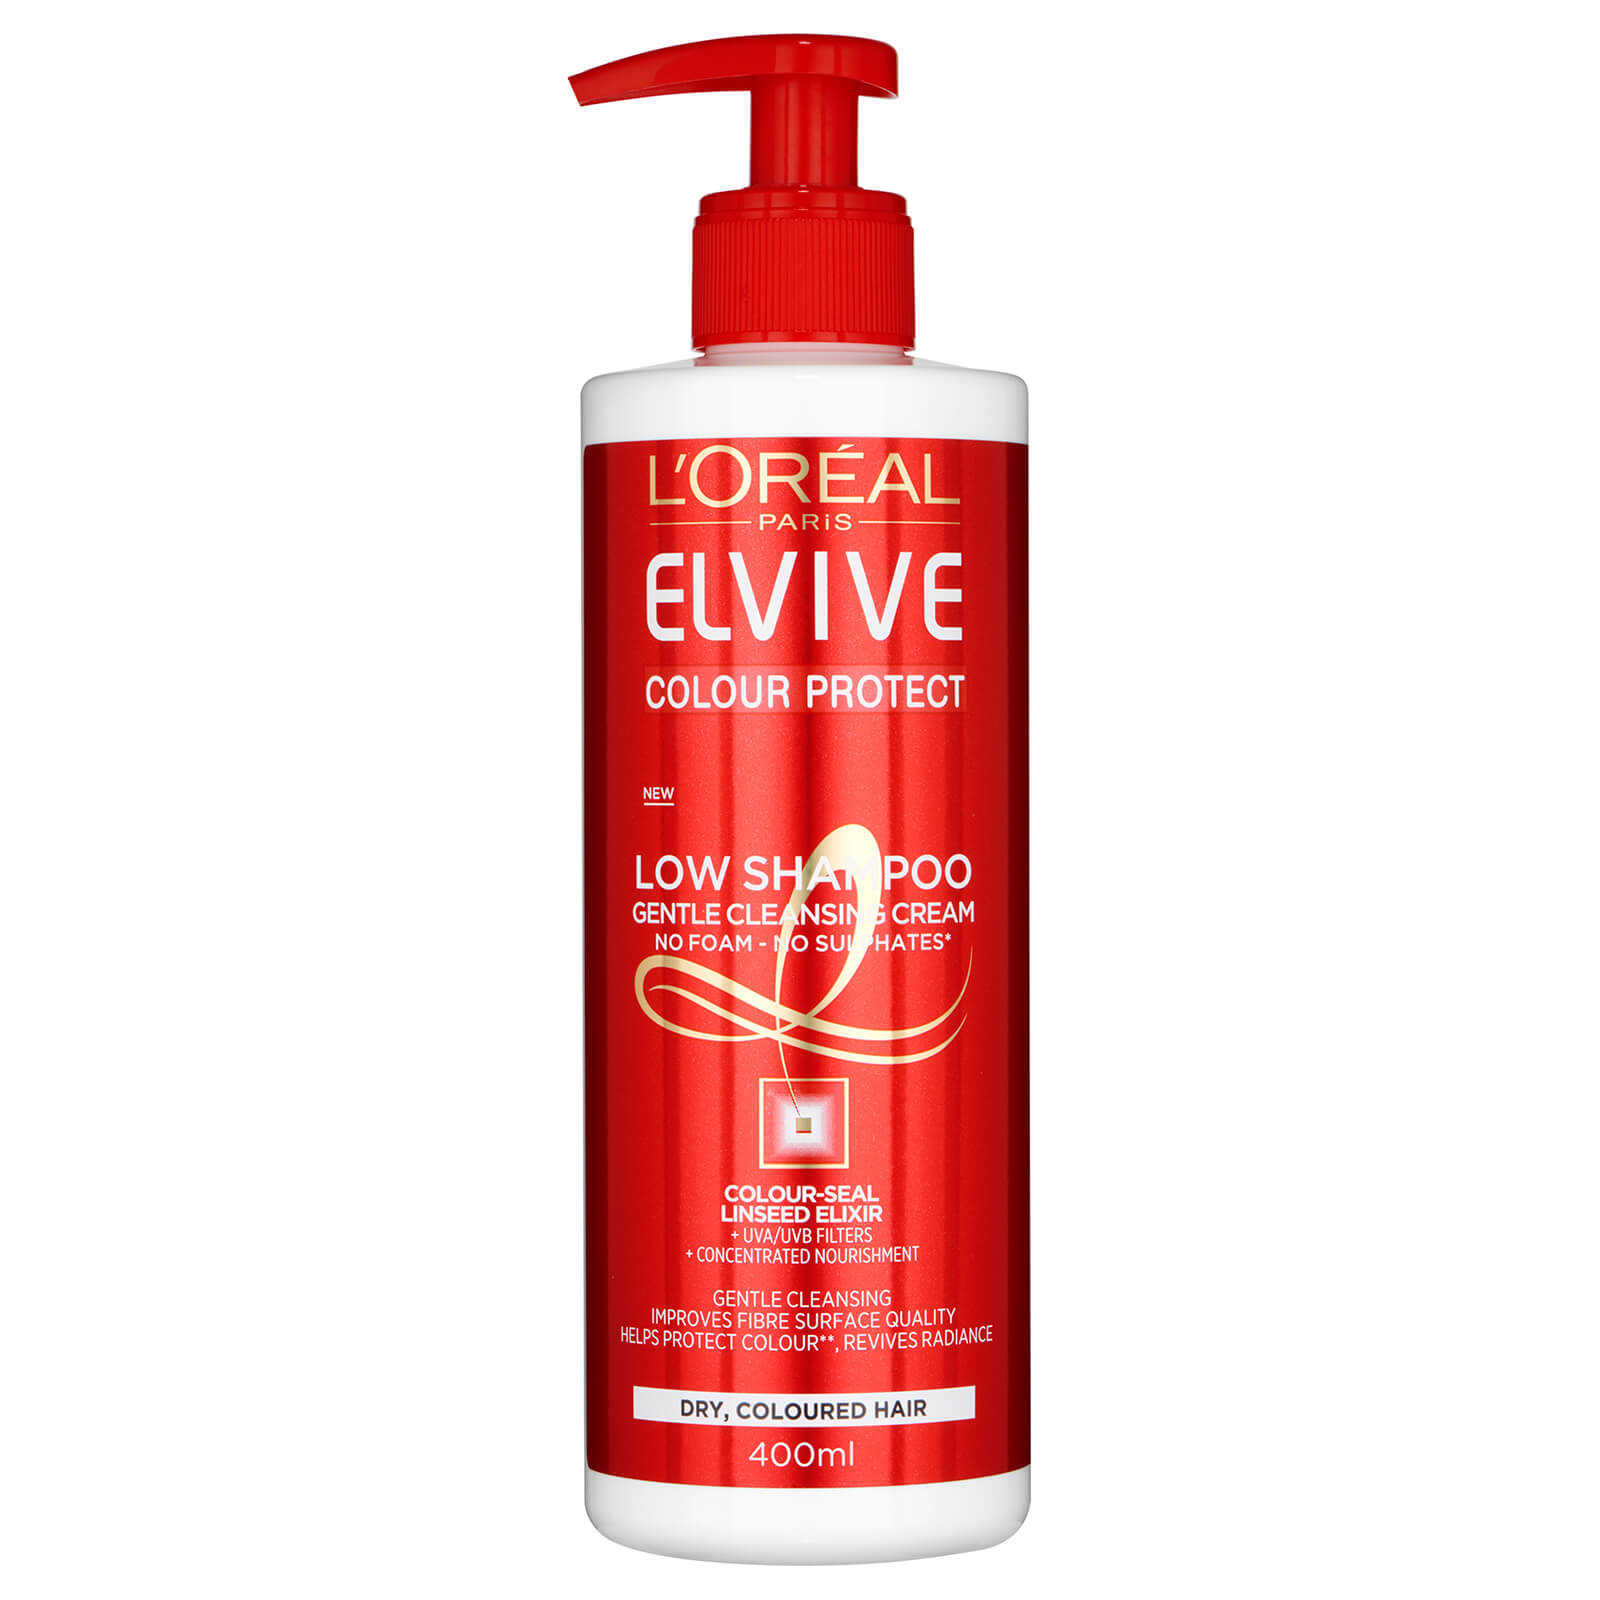 L'Oréal Paris Elvive Colour Protect Low Shampoo 400ml